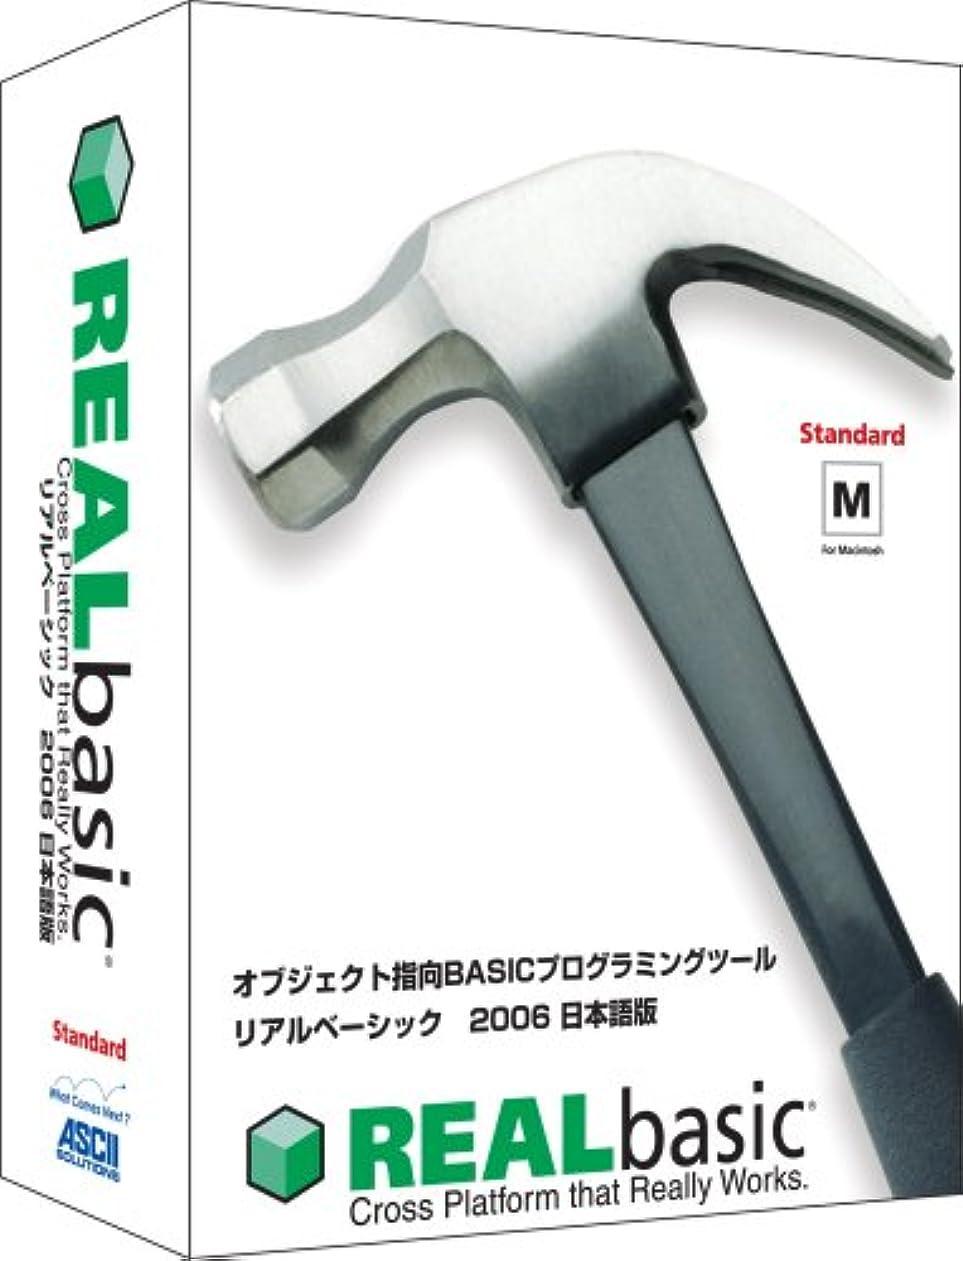 アトミックピルファーバッチREALbasic2006 Standard for Macintosh 日本語版 パッケージ